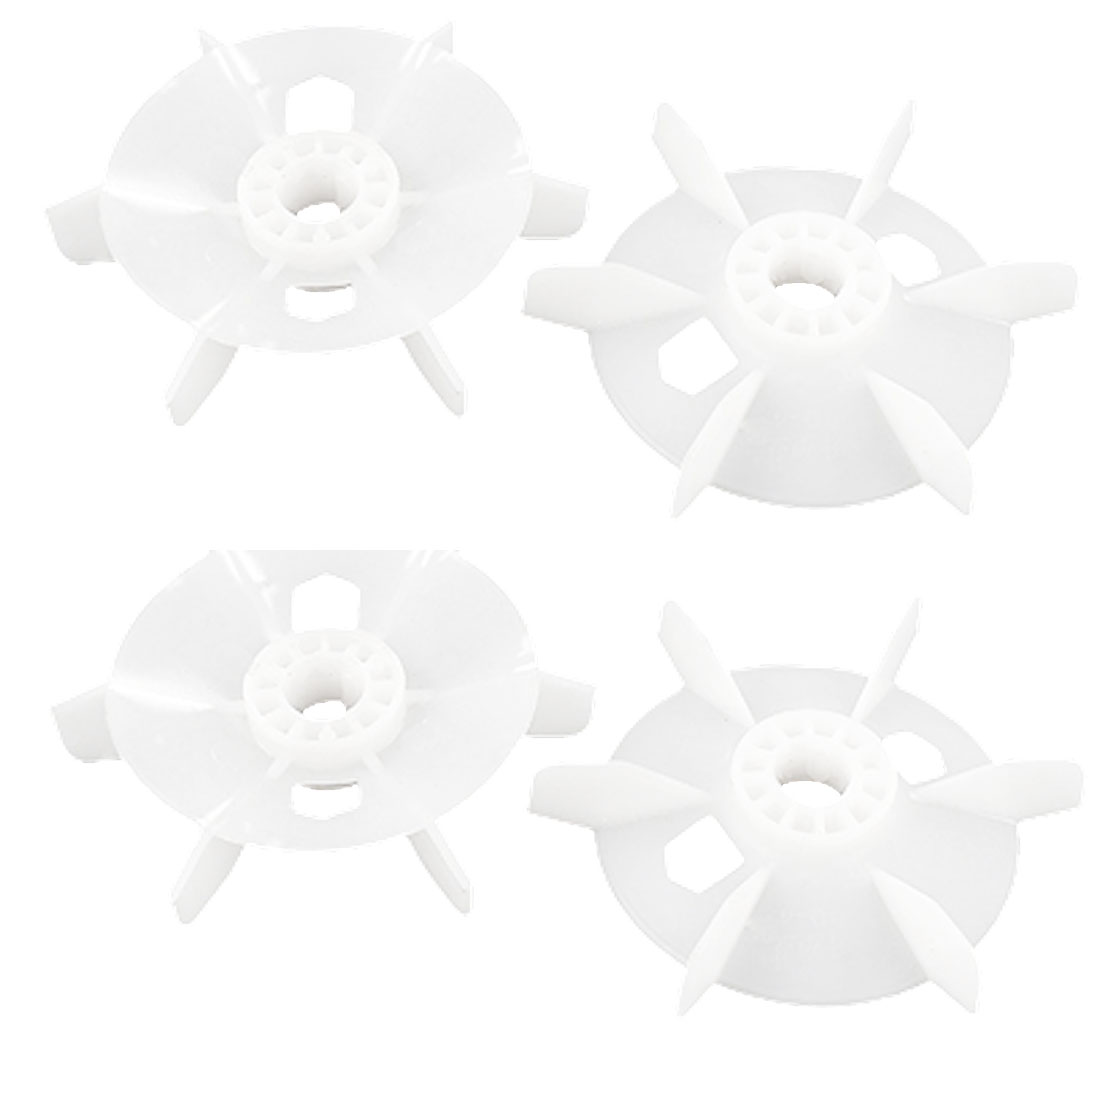 4pcs 6-Propellers White Plastic Motor Engine Cooling Radiator Fan Propellers Wheel Impeller for 18mm Shaft